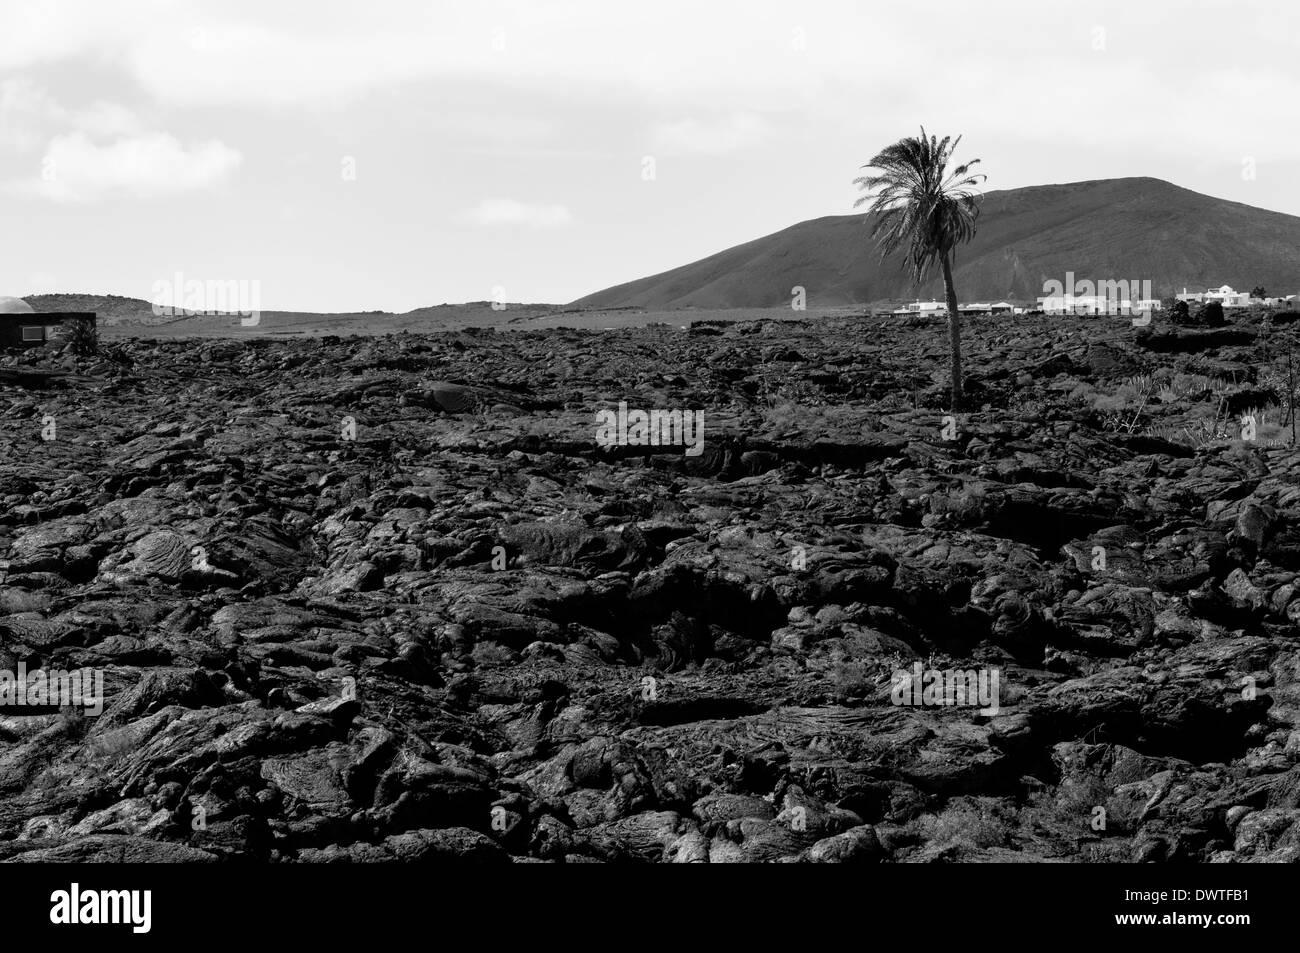 Lunar landscape in Lanzarote, Canarias, Spain. - Stock Image